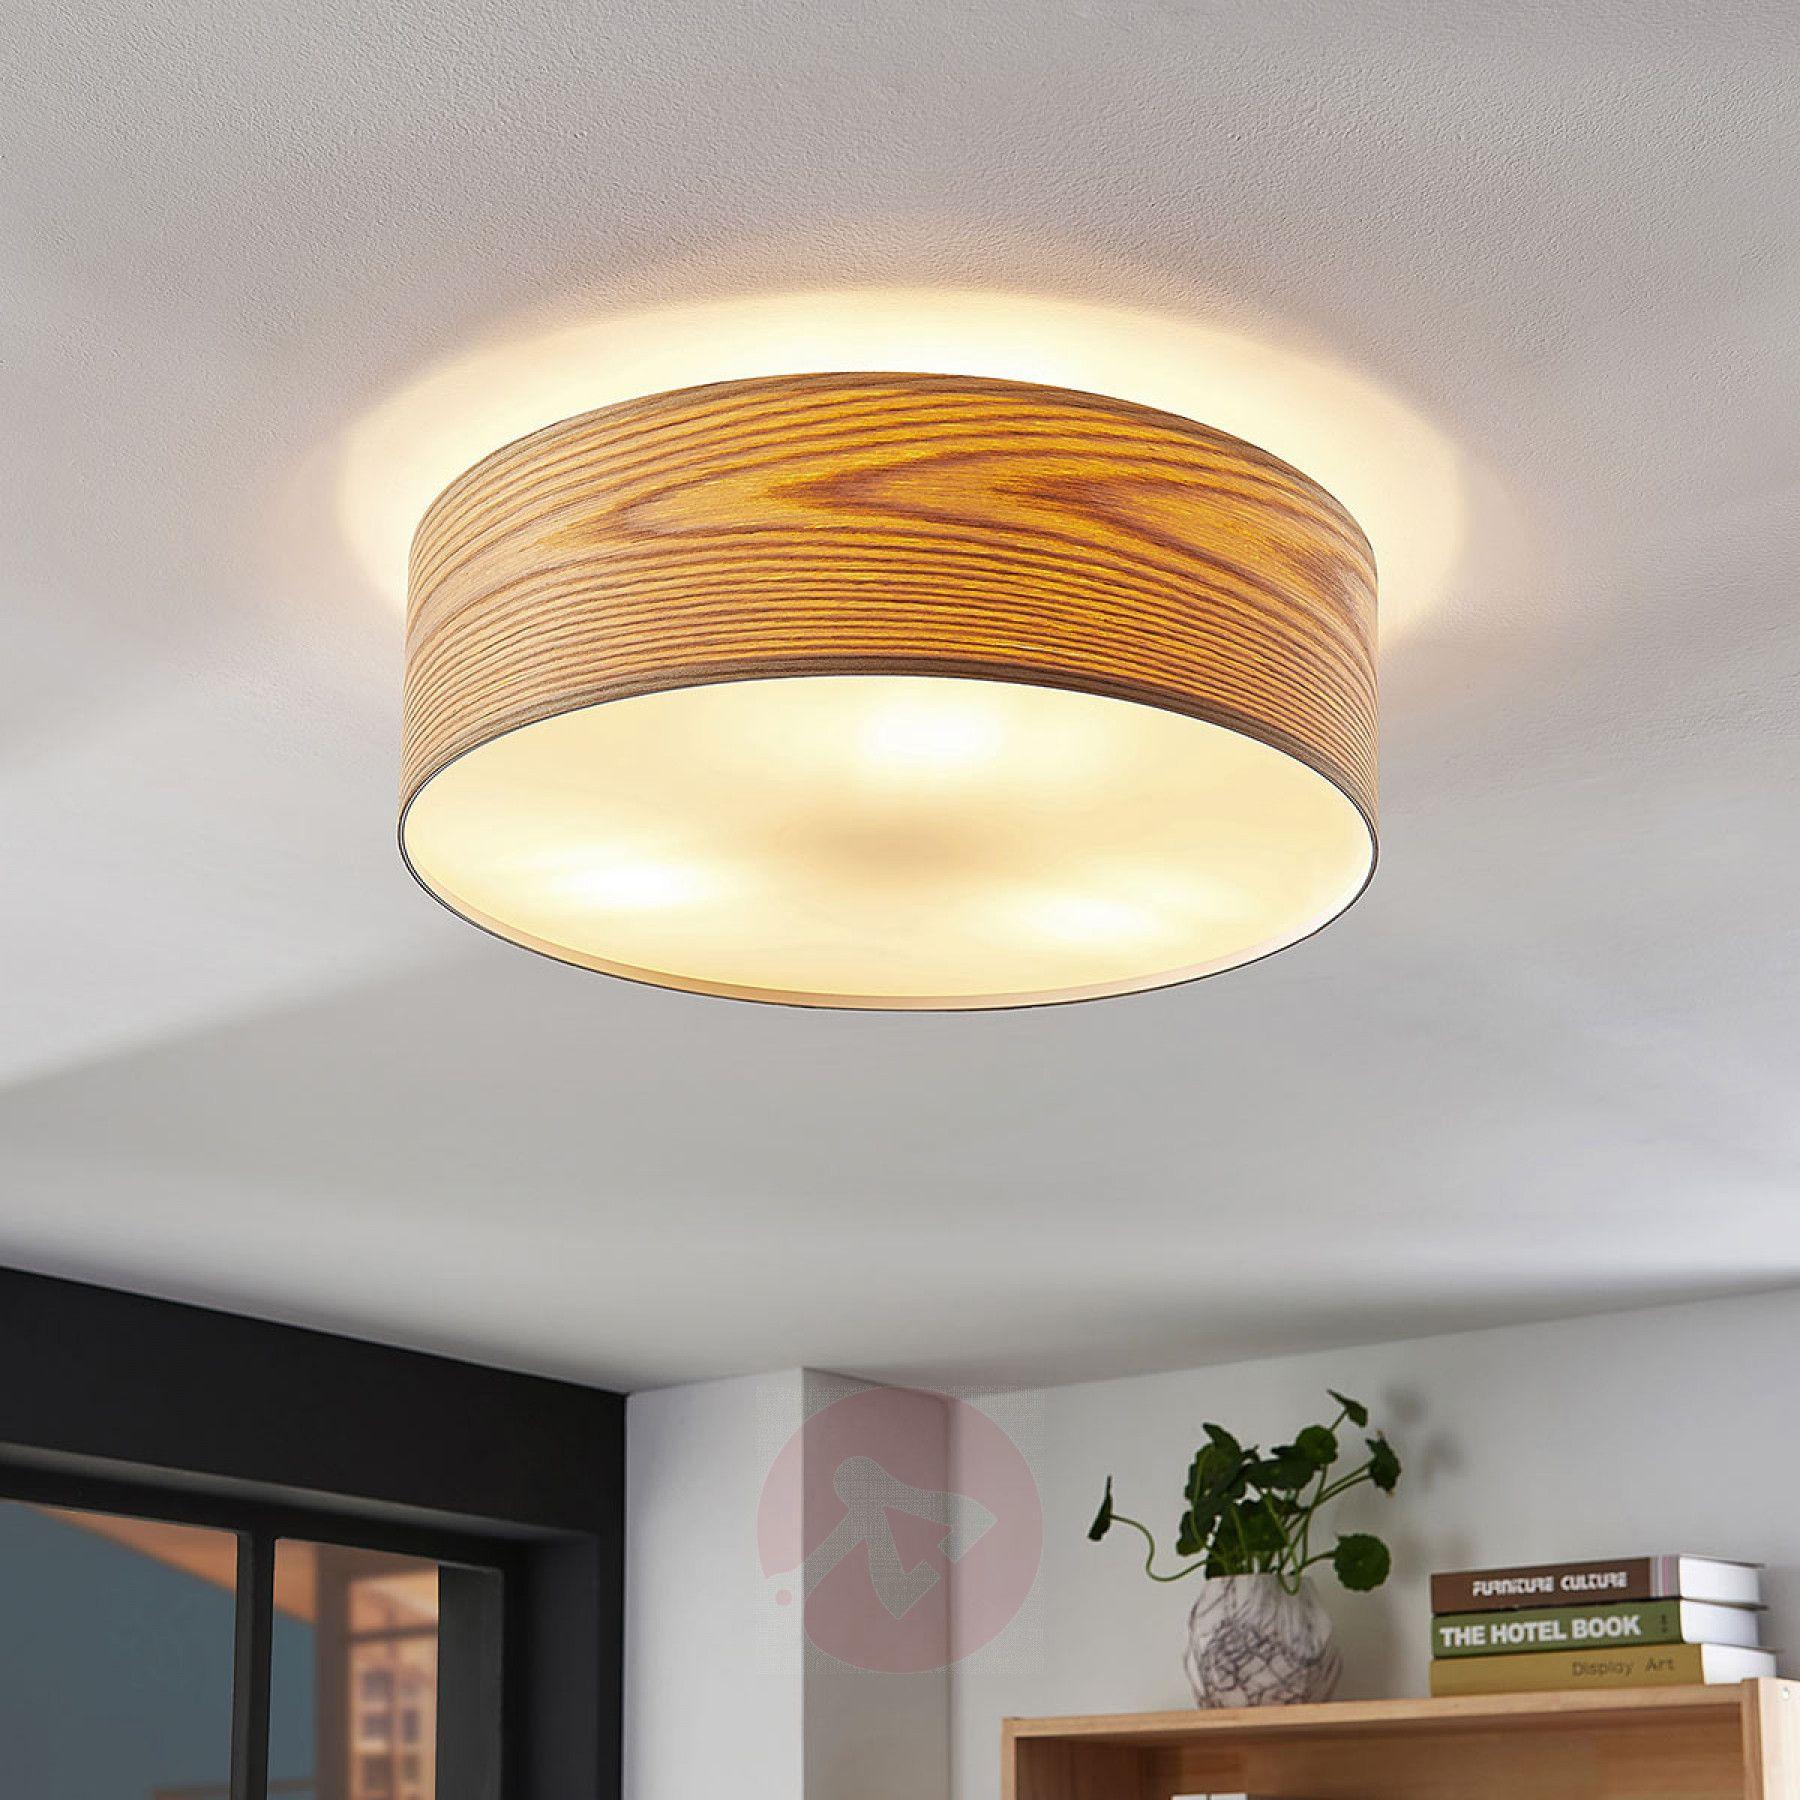 Holz Deckenleuchte Dominic In Runder Form Wohnzimmerlampe Decke Flur Beleuchtung Decke Beleuchtung Decke